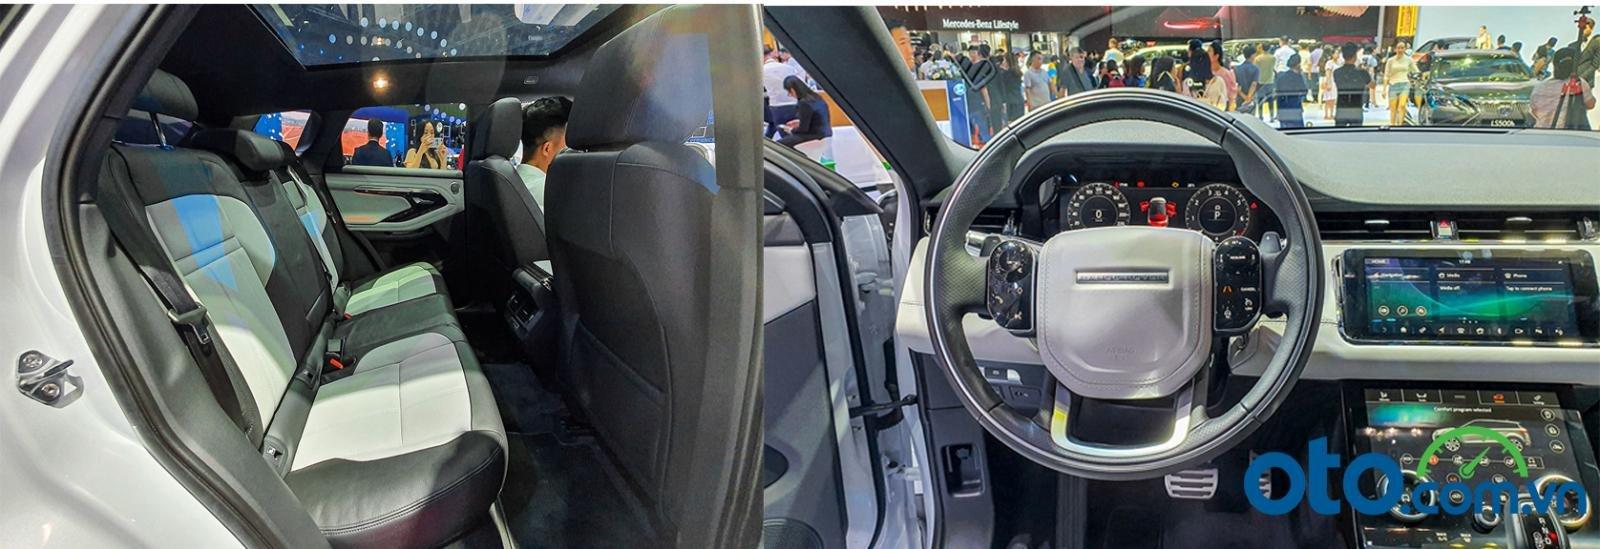 Thông số kỹ thuật xe Rang Rover Evoque 2020 mới, chính xác và đầy đủ nhấta